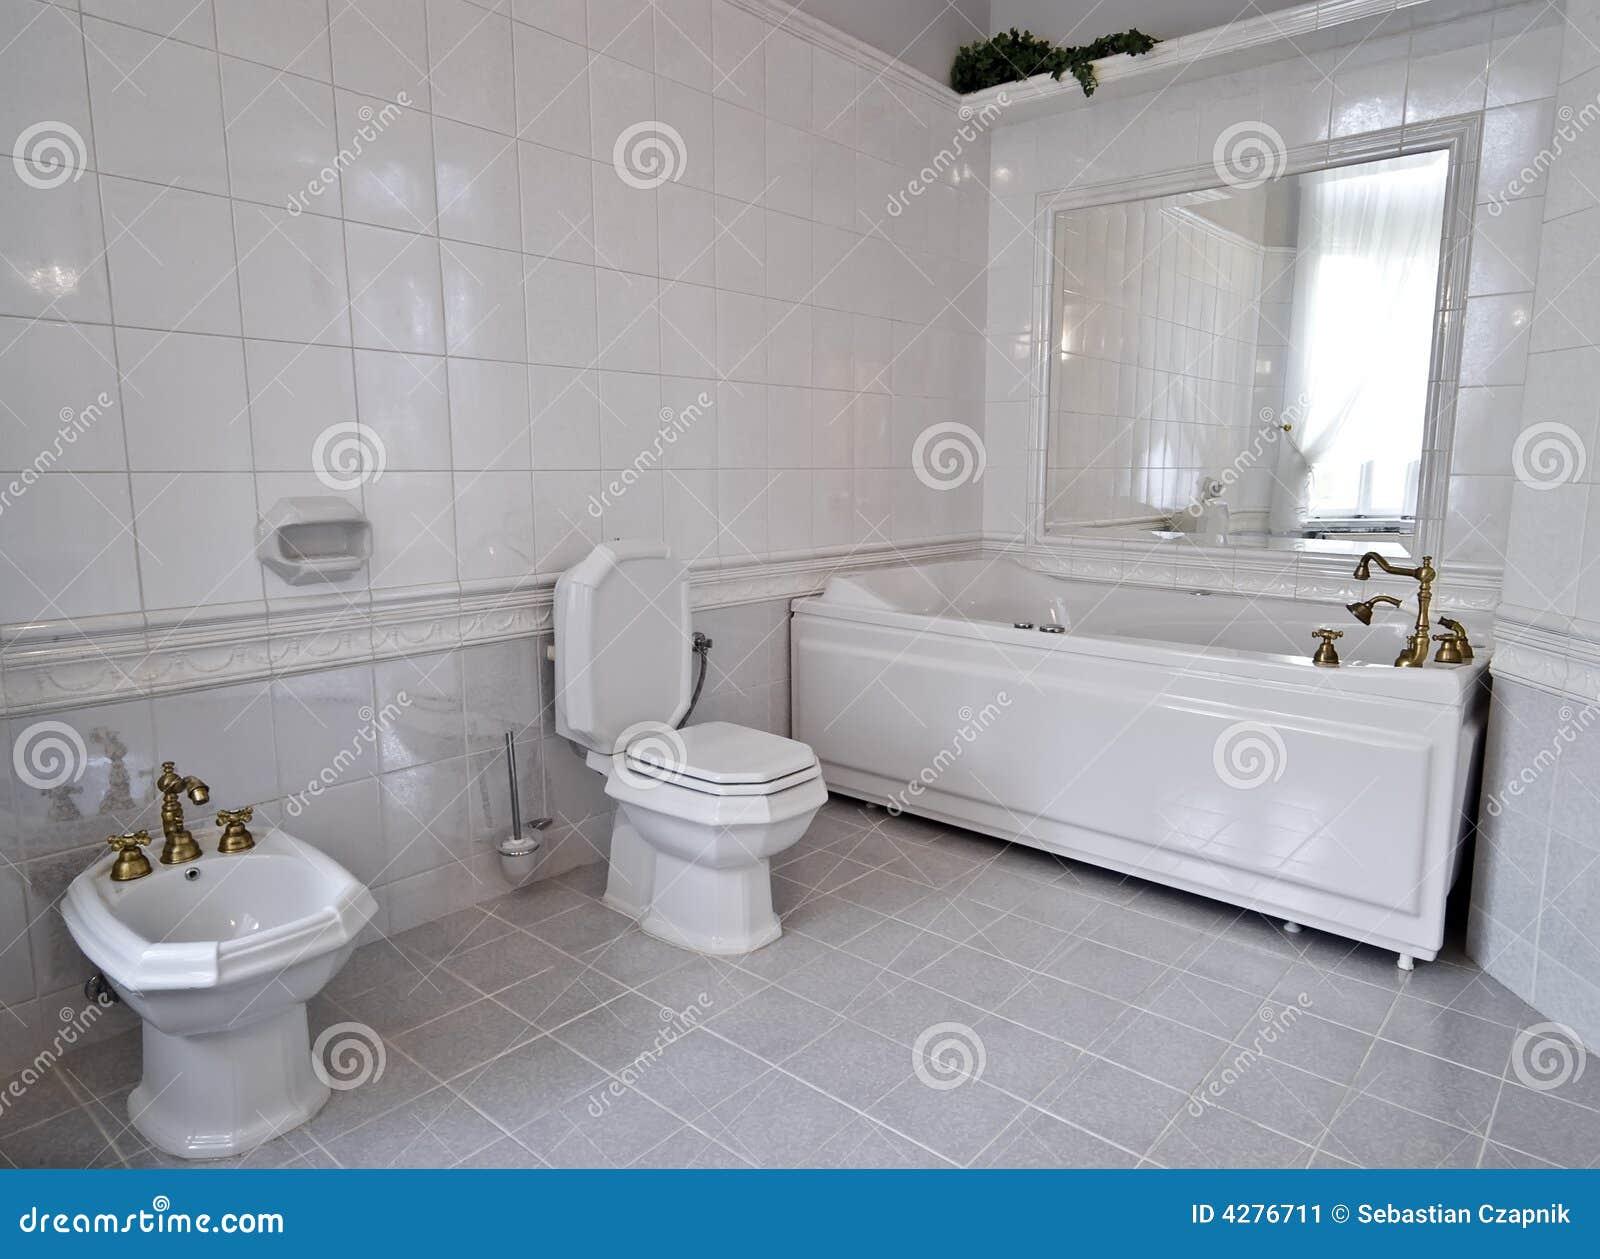 Banheiro Branco Imagem de Stock Imagem: 4276711 #6A614A 1300 1040